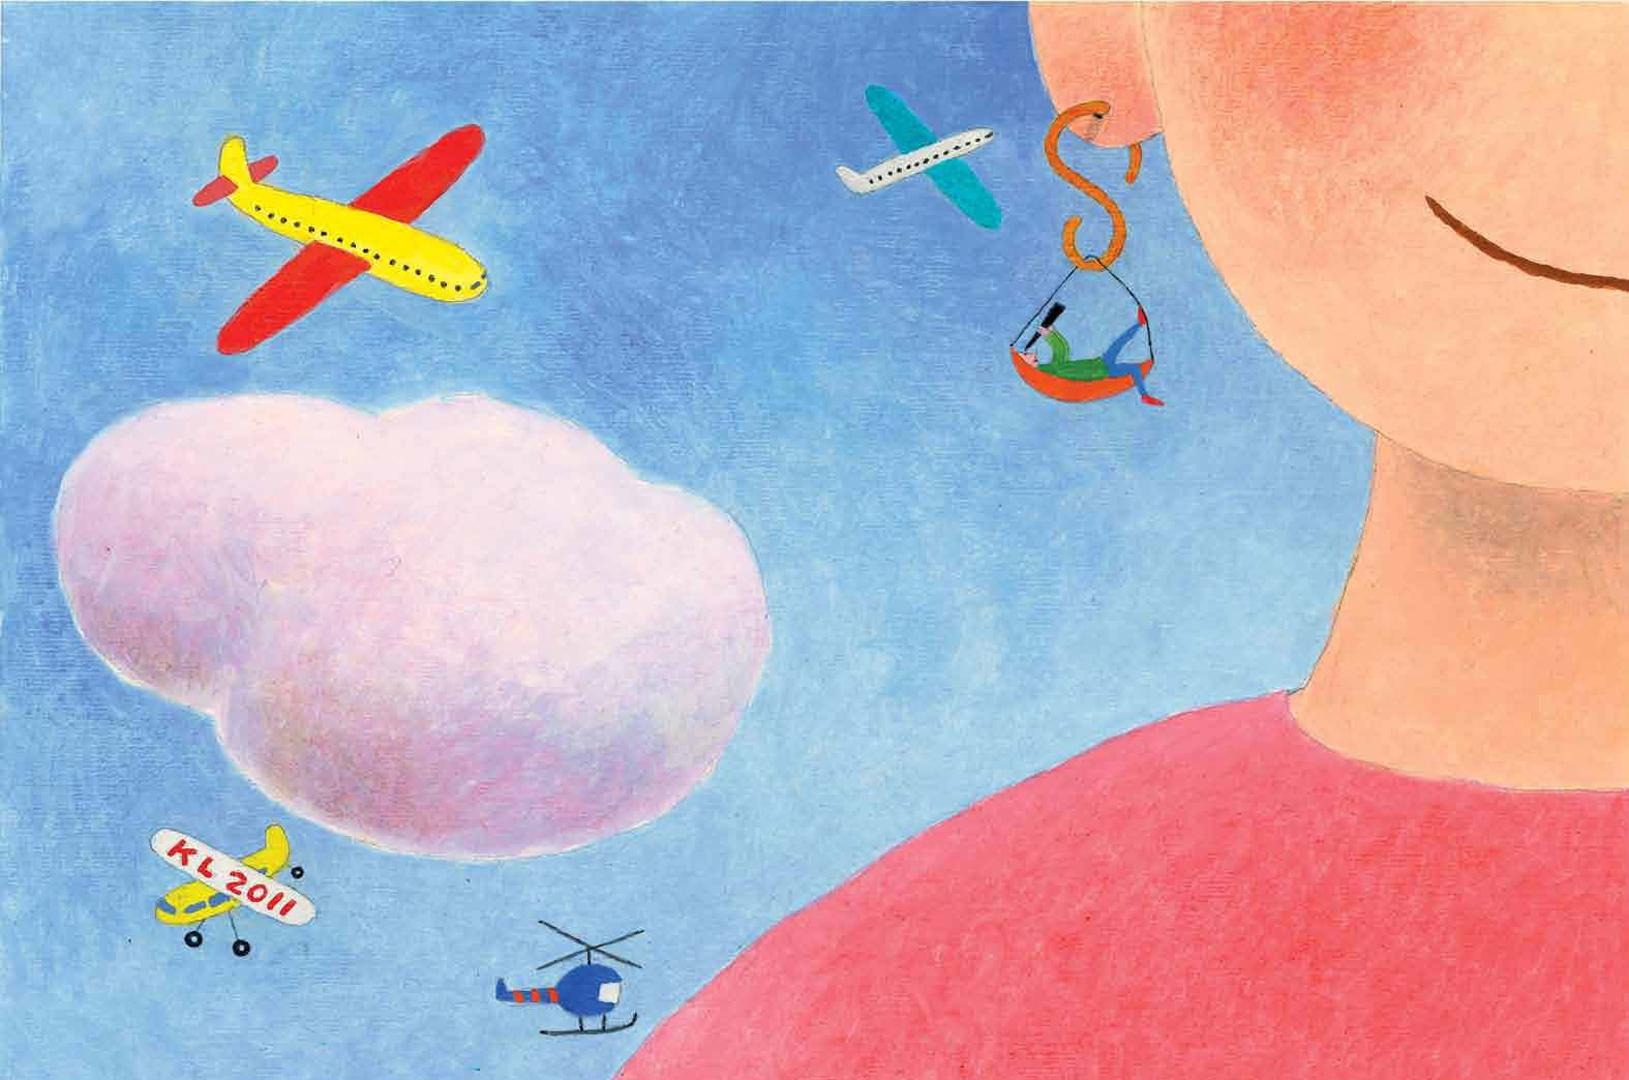 Иллюстрация 1 из 21 для Великанша и кроха Пирхонен - Ханнеле Хуови | Лабиринт - книги. Источник: Лабиринт